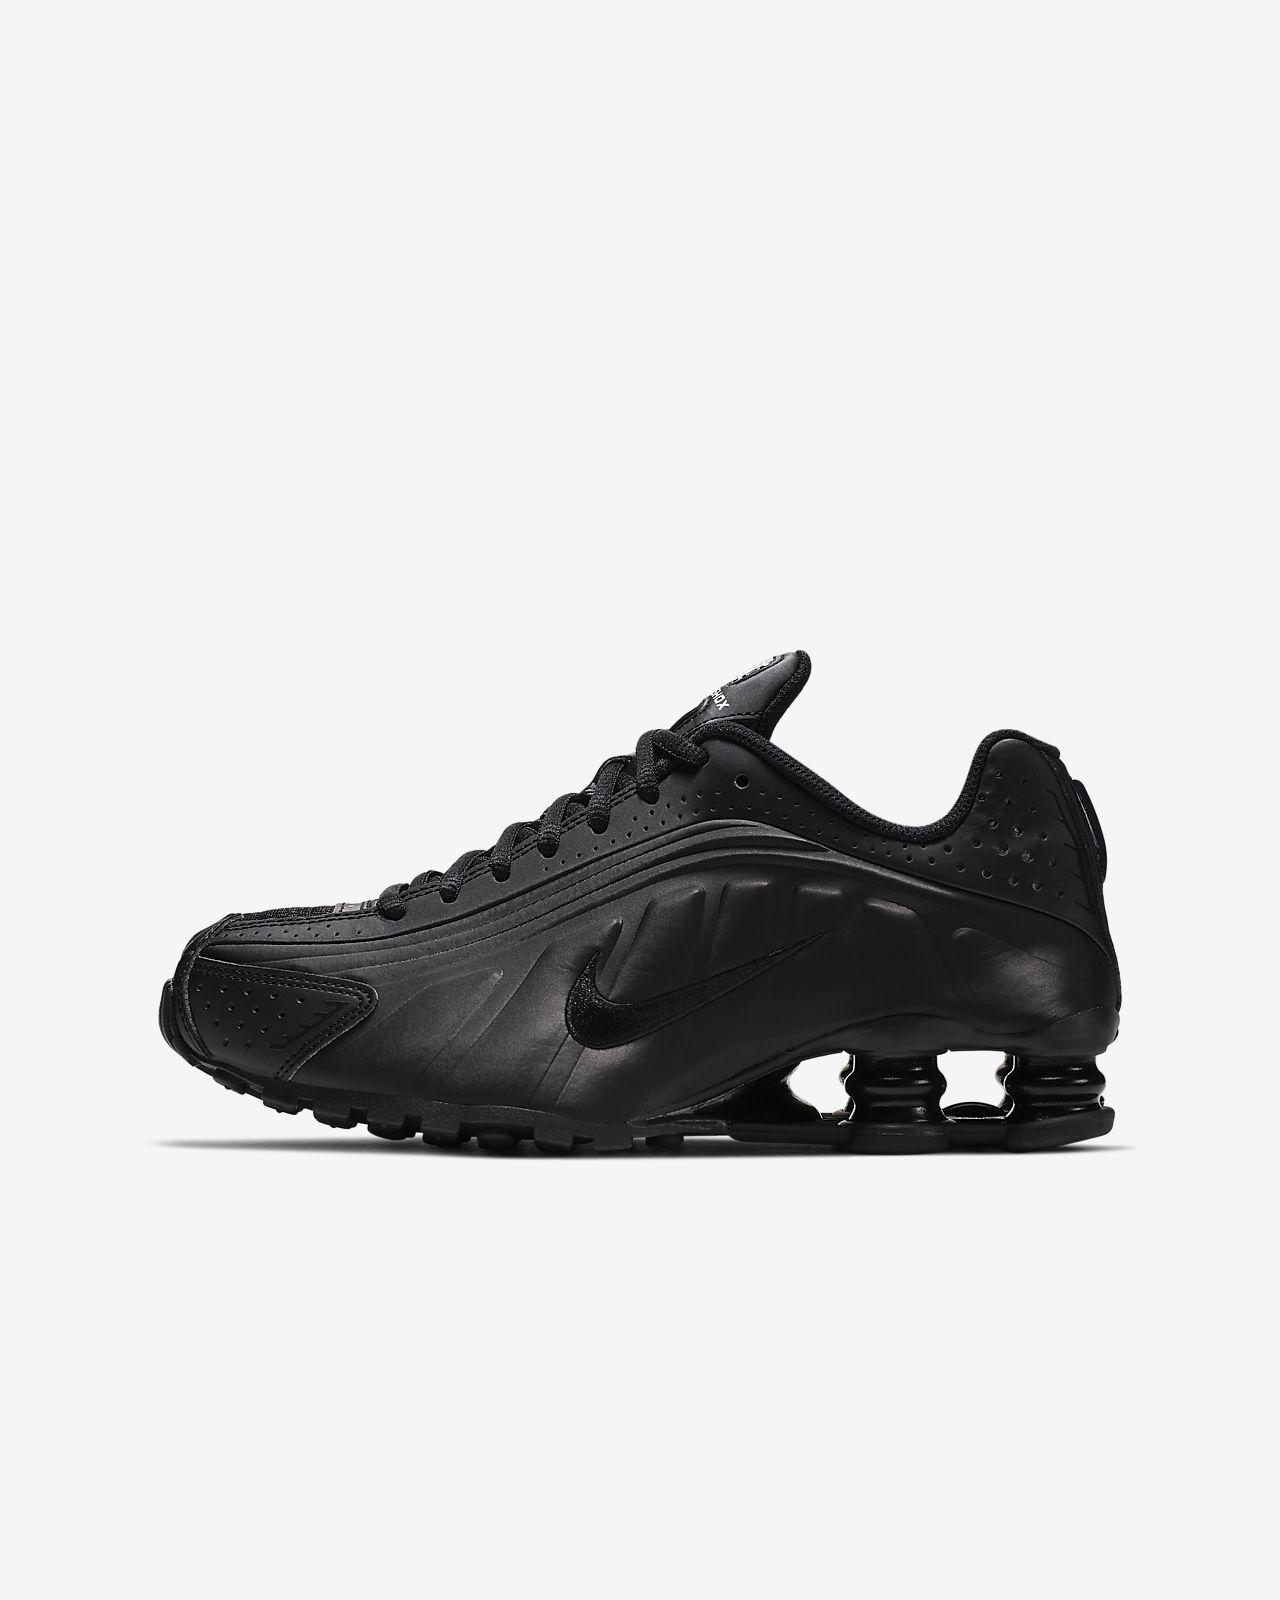 Nike Shox R4 Genç Çocuk Ayakkabısı